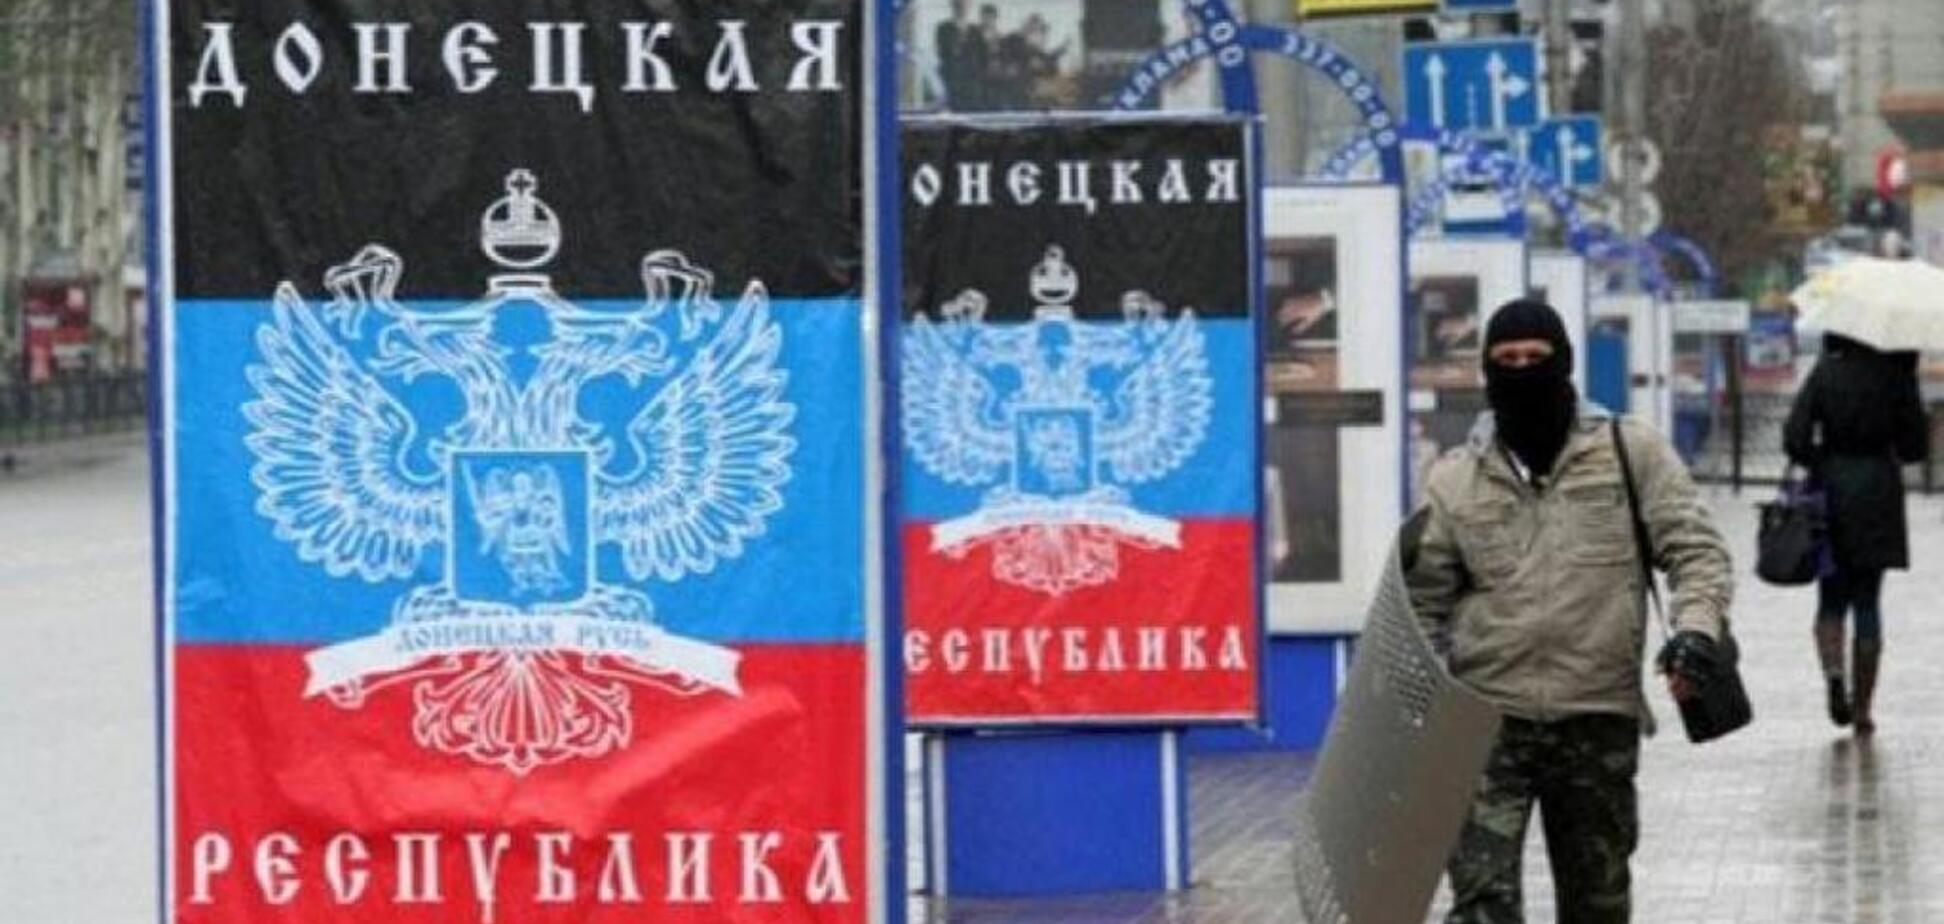 Війна Росії проти України: Порошенко назвав кількість убитих на Донбасі